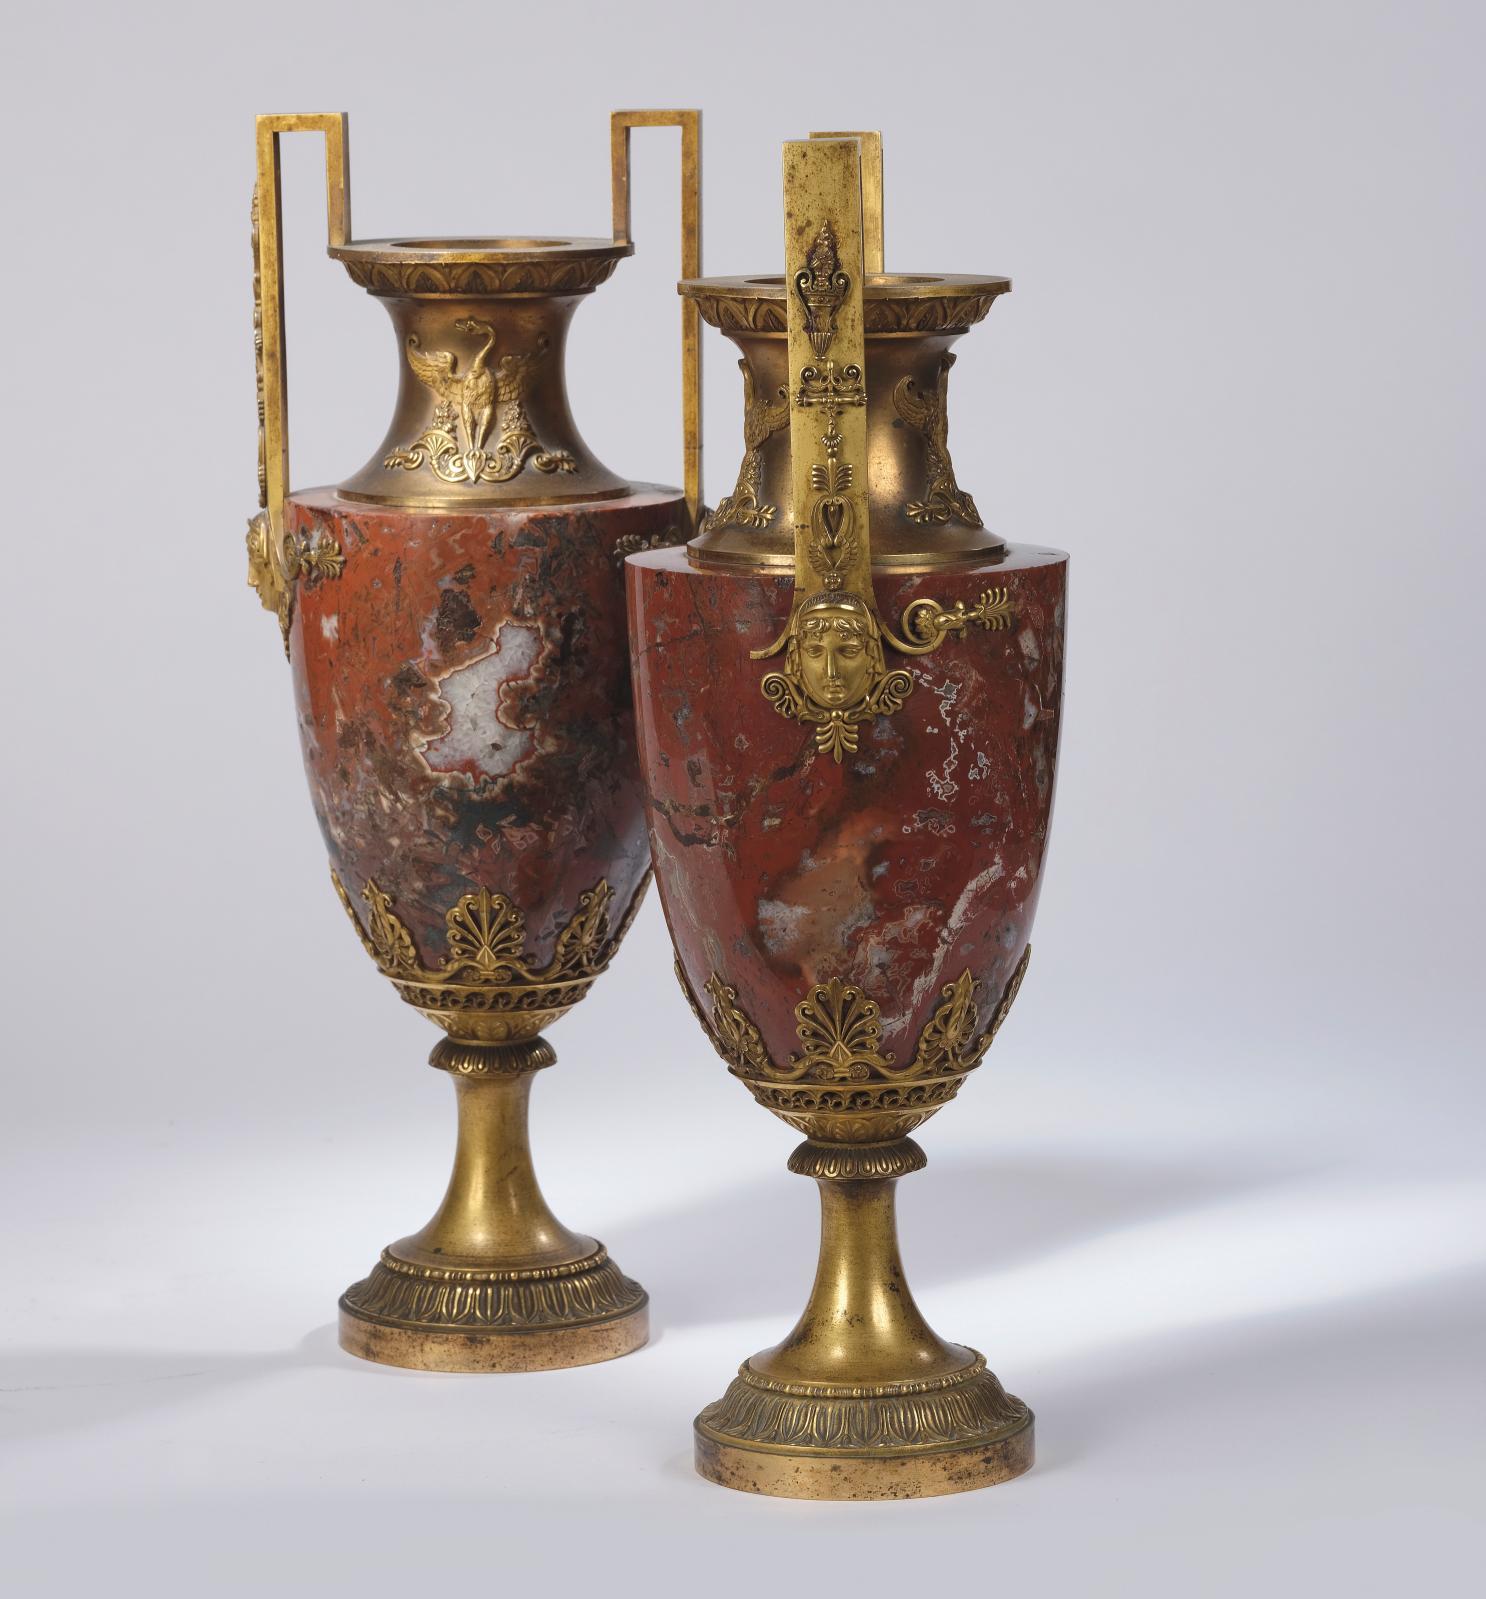 Époque Empire, paire de vases «amphore» en marbre du Languedoc tourné, monture en bronze ciselé et doré appliquée de cygnes aux ailes dépl